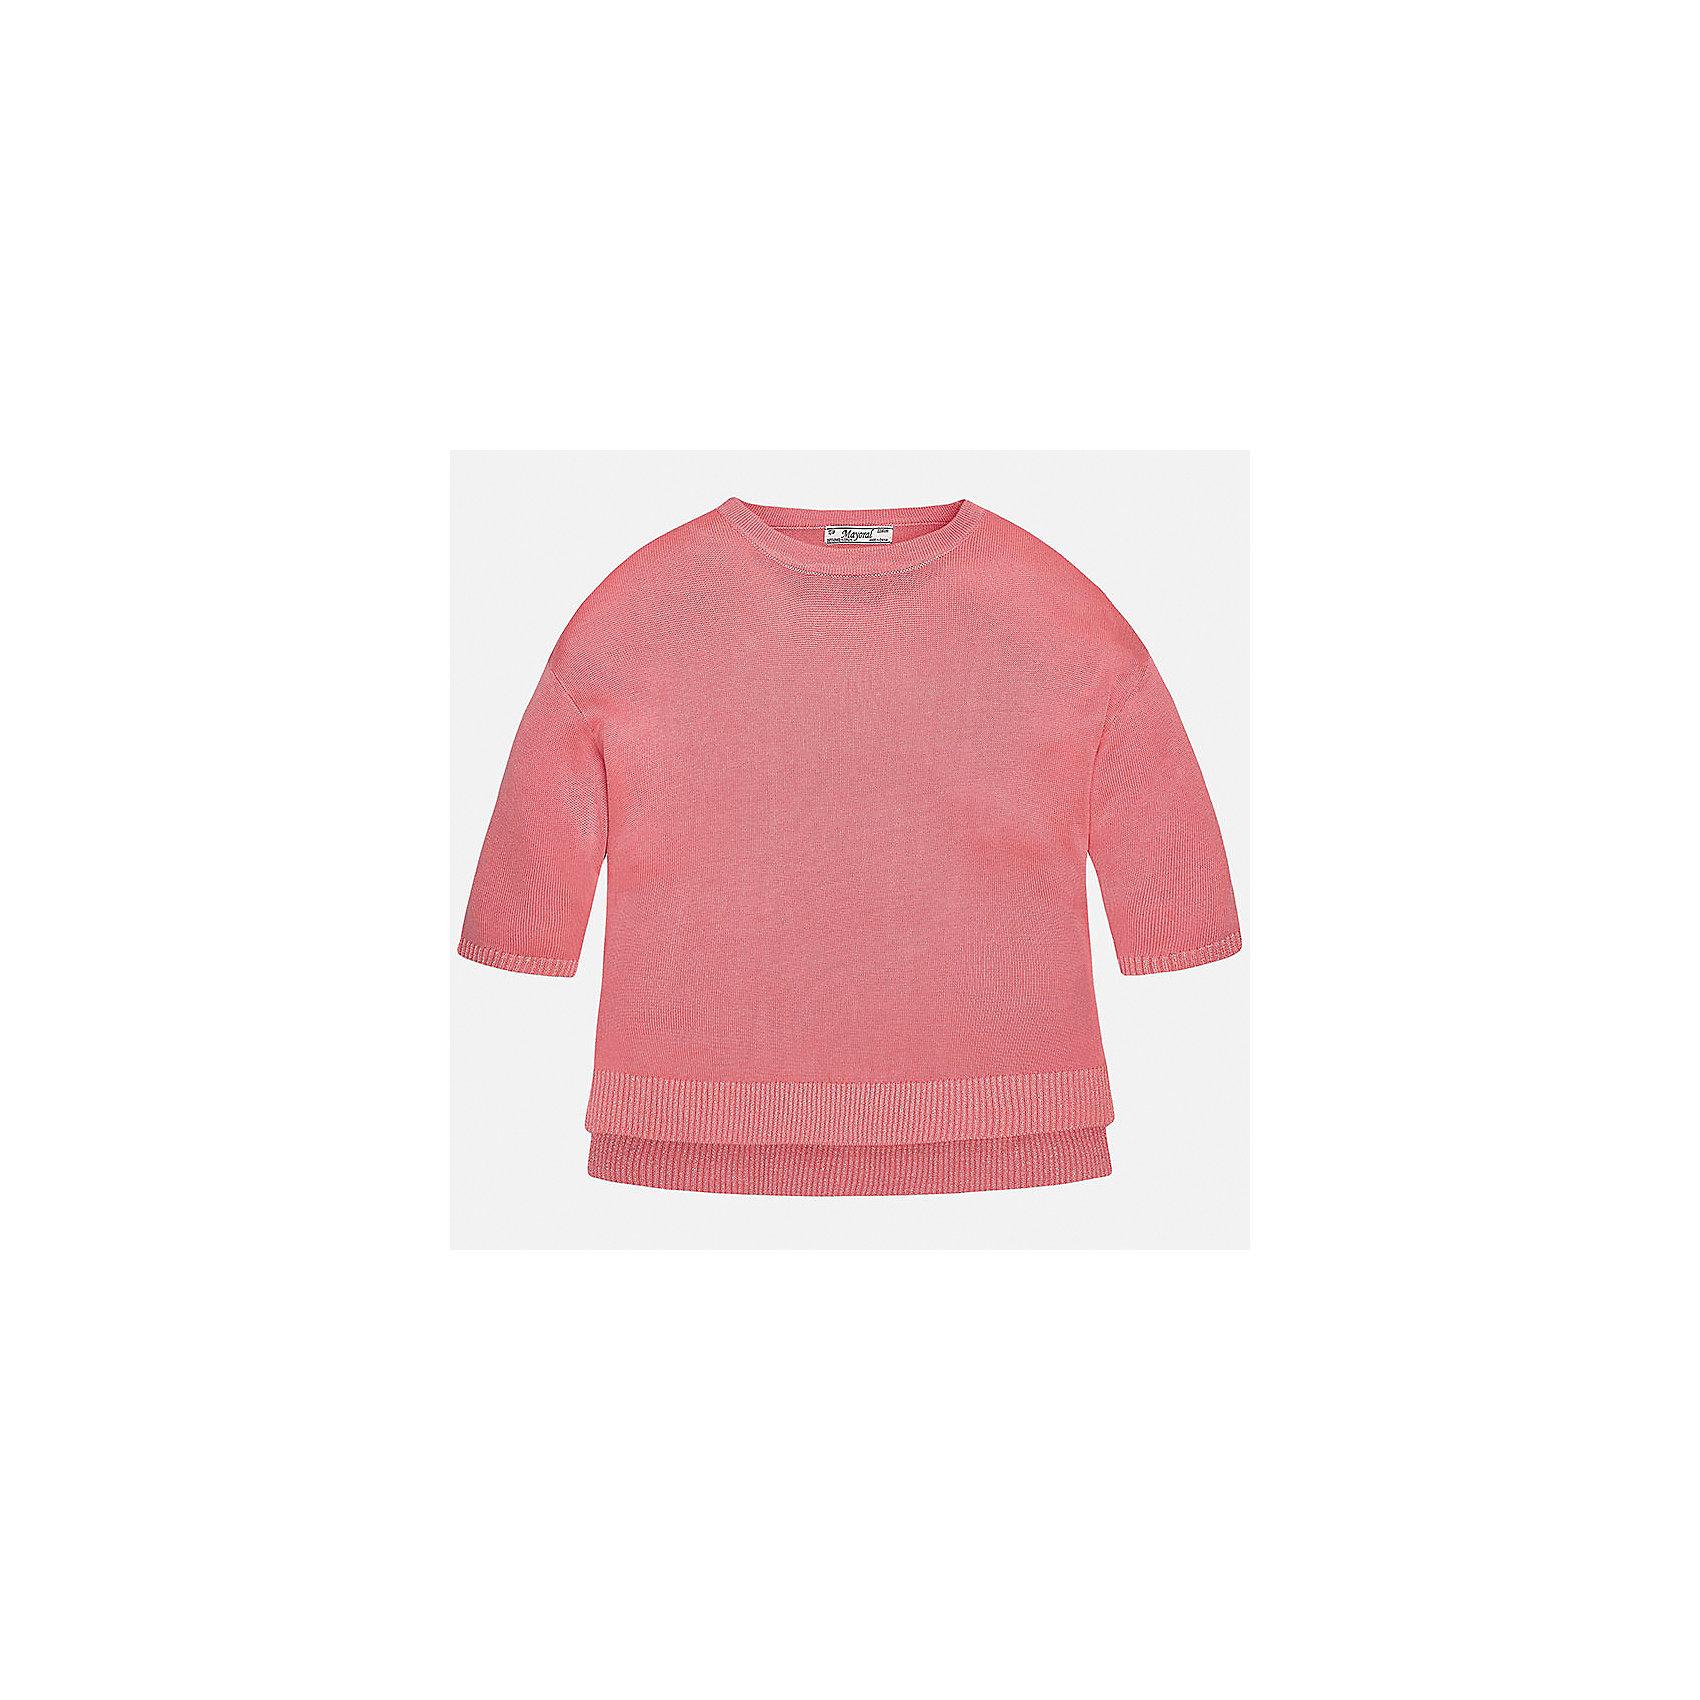 Свитер для девочки MayoralТолстовки<br>Характеристики товара:<br><br>• цвет: белый<br>• состав: 99% вискоза, 1% металлизированная нить<br>• рукава короткие, 3/4<br>• горловой вырез округлый<br>• отделка краев<br>• страна бренда: Испания<br><br>Удобный и красивый свитер для девочки поможет разнообразить гардероб ребенка и украсить наряд. Он отлично сочетается и с юбками, и с брюками. Универсальный цвет позволяет подобрать к вещи низ различных расцветок. Интересная отделка модели делает её нарядной и оригинальной. <br><br>Одежда, обувь и аксессуары от испанского бренда Mayoral полюбились детям и взрослым по всему миру. Модели этой марки - стильные и удобные. Для их производства используются только безопасные, качественные материалы и фурнитура. Порадуйте ребенка модными и красивыми вещами от Mayoral! <br><br>Свитер для девочки от испанского бренда Mayoral (Майорал) можно купить в нашем интернет-магазине.<br><br>Ширина мм: 190<br>Глубина мм: 74<br>Высота мм: 229<br>Вес г: 236<br>Цвет: оранжевый<br>Возраст от месяцев: 168<br>Возраст до месяцев: 180<br>Пол: Женский<br>Возраст: Детский<br>Размер: 170,128/134,140,152,158,164<br>SKU: 5292755